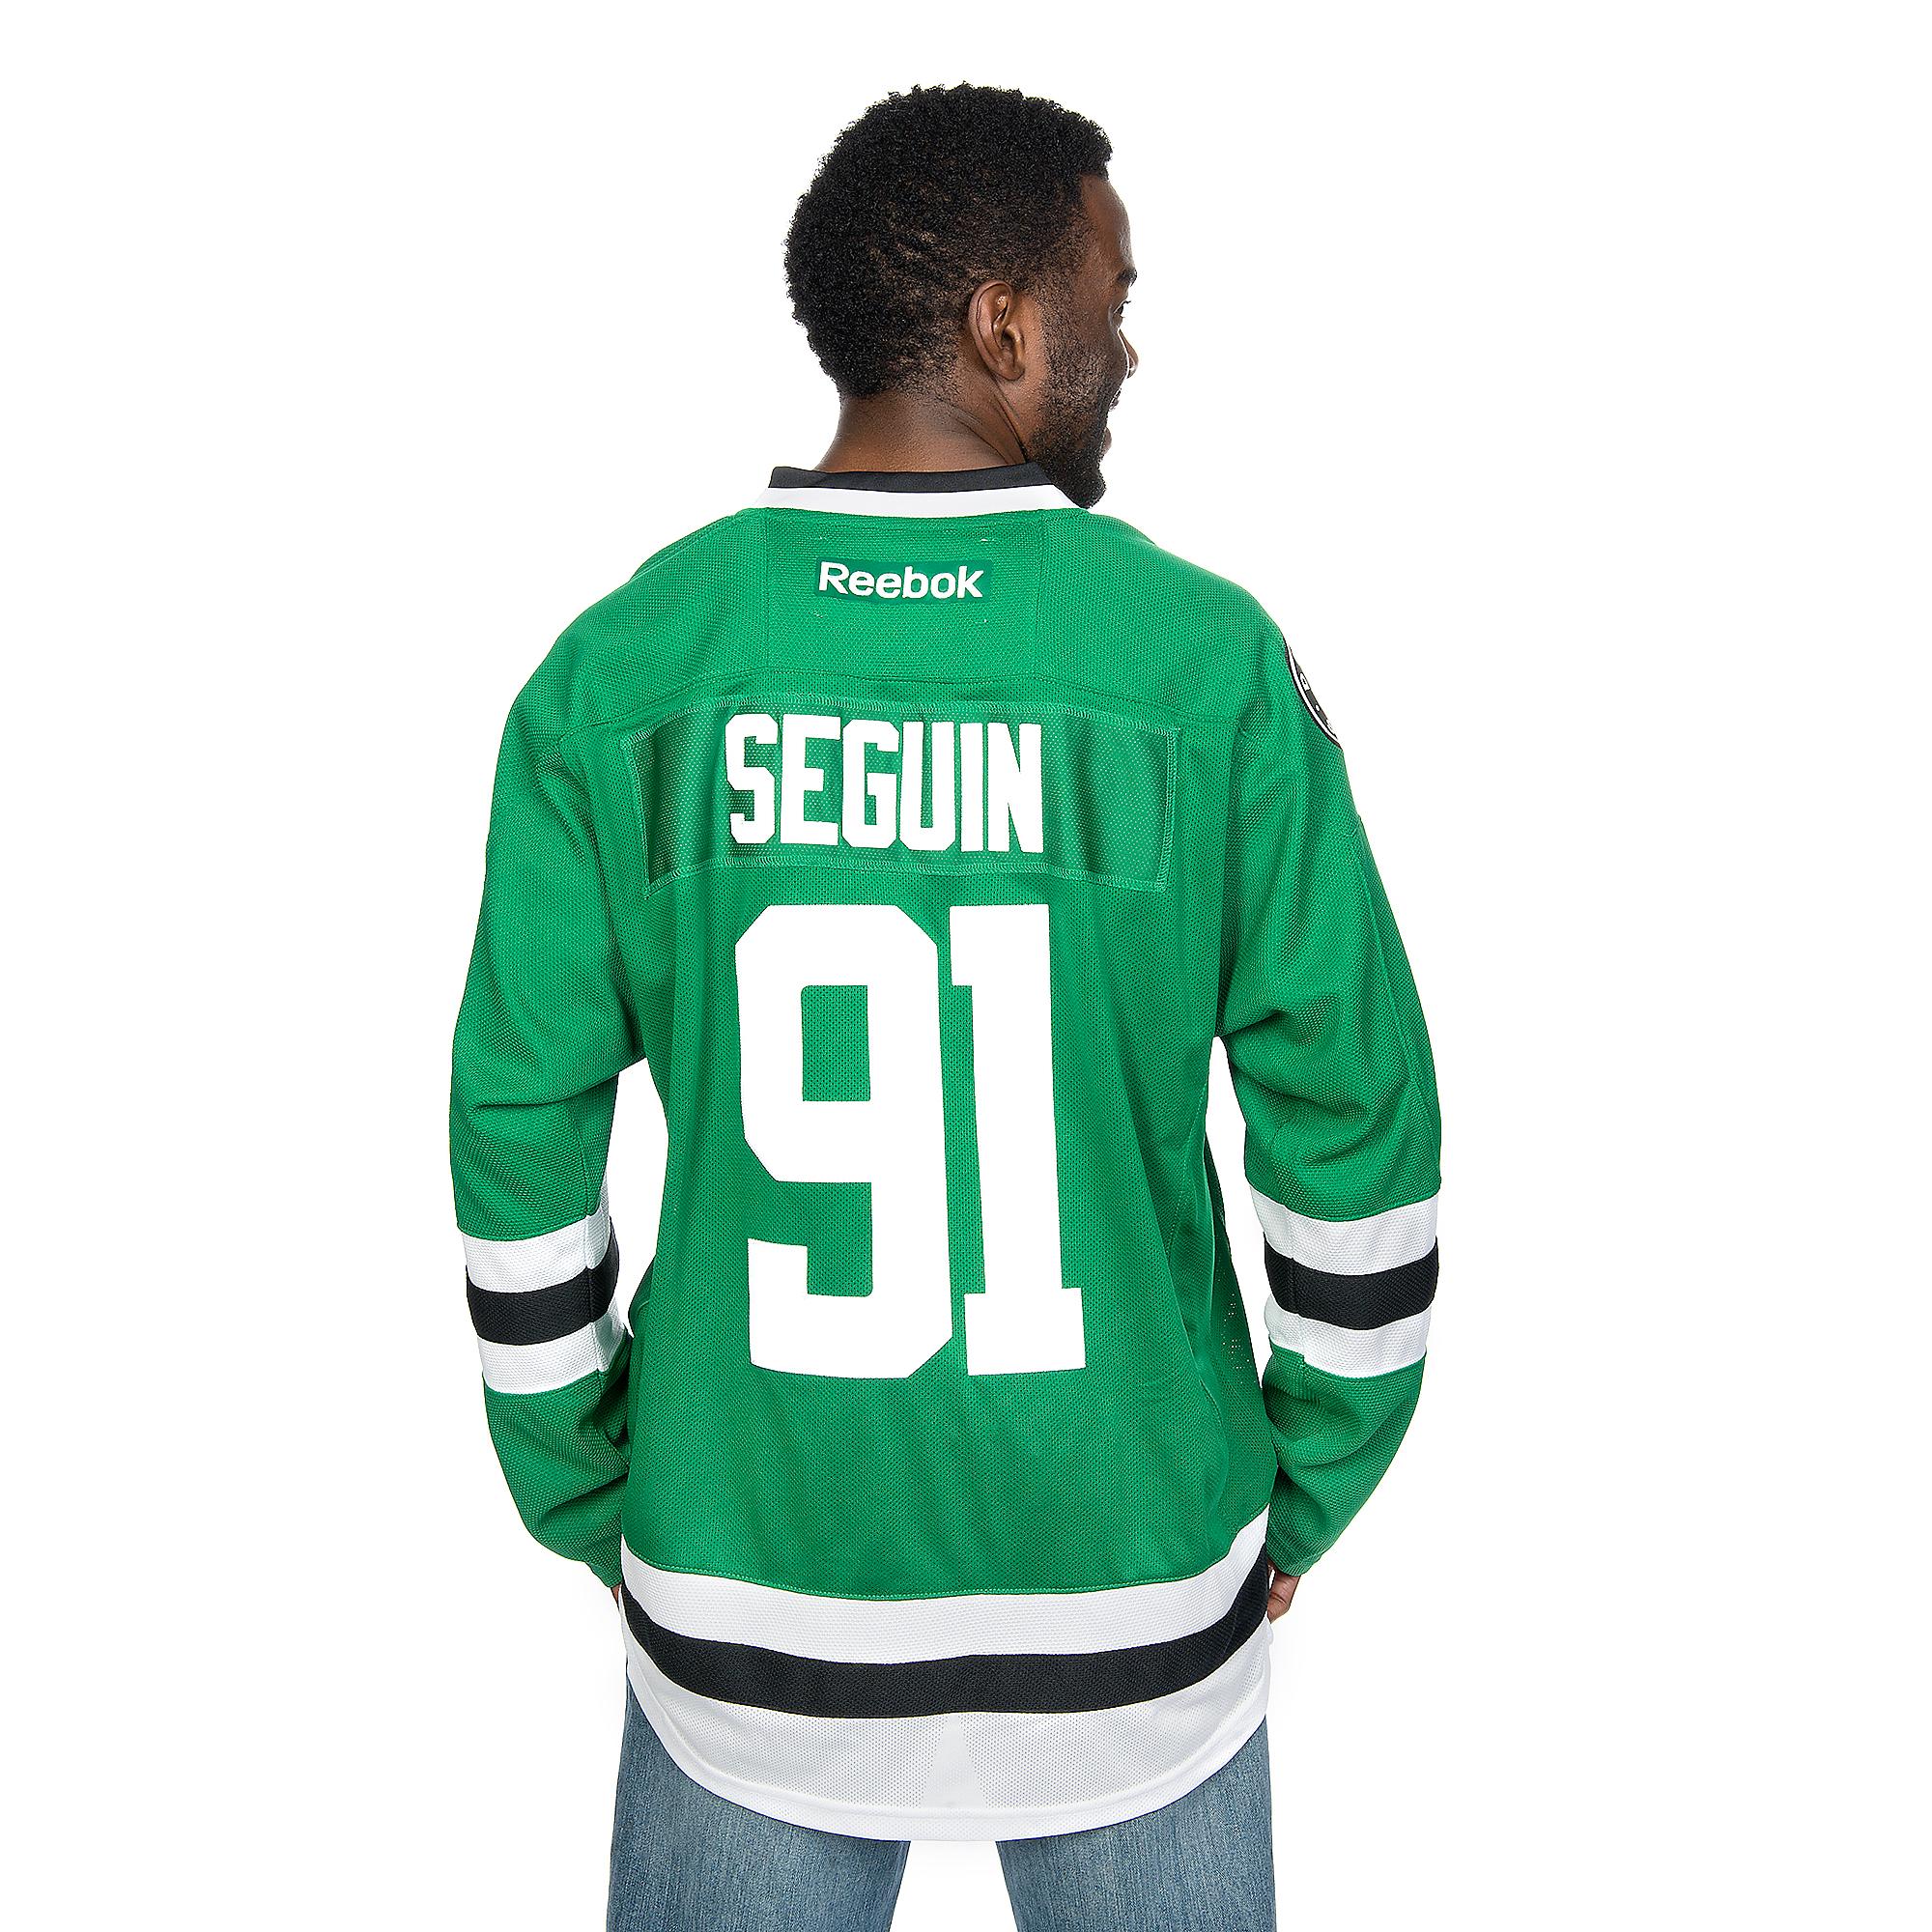 los angeles 0a7af 13ed4 Dallas Stars Reebok Premier #91 Tyler Seguin Jersey | Fans ...